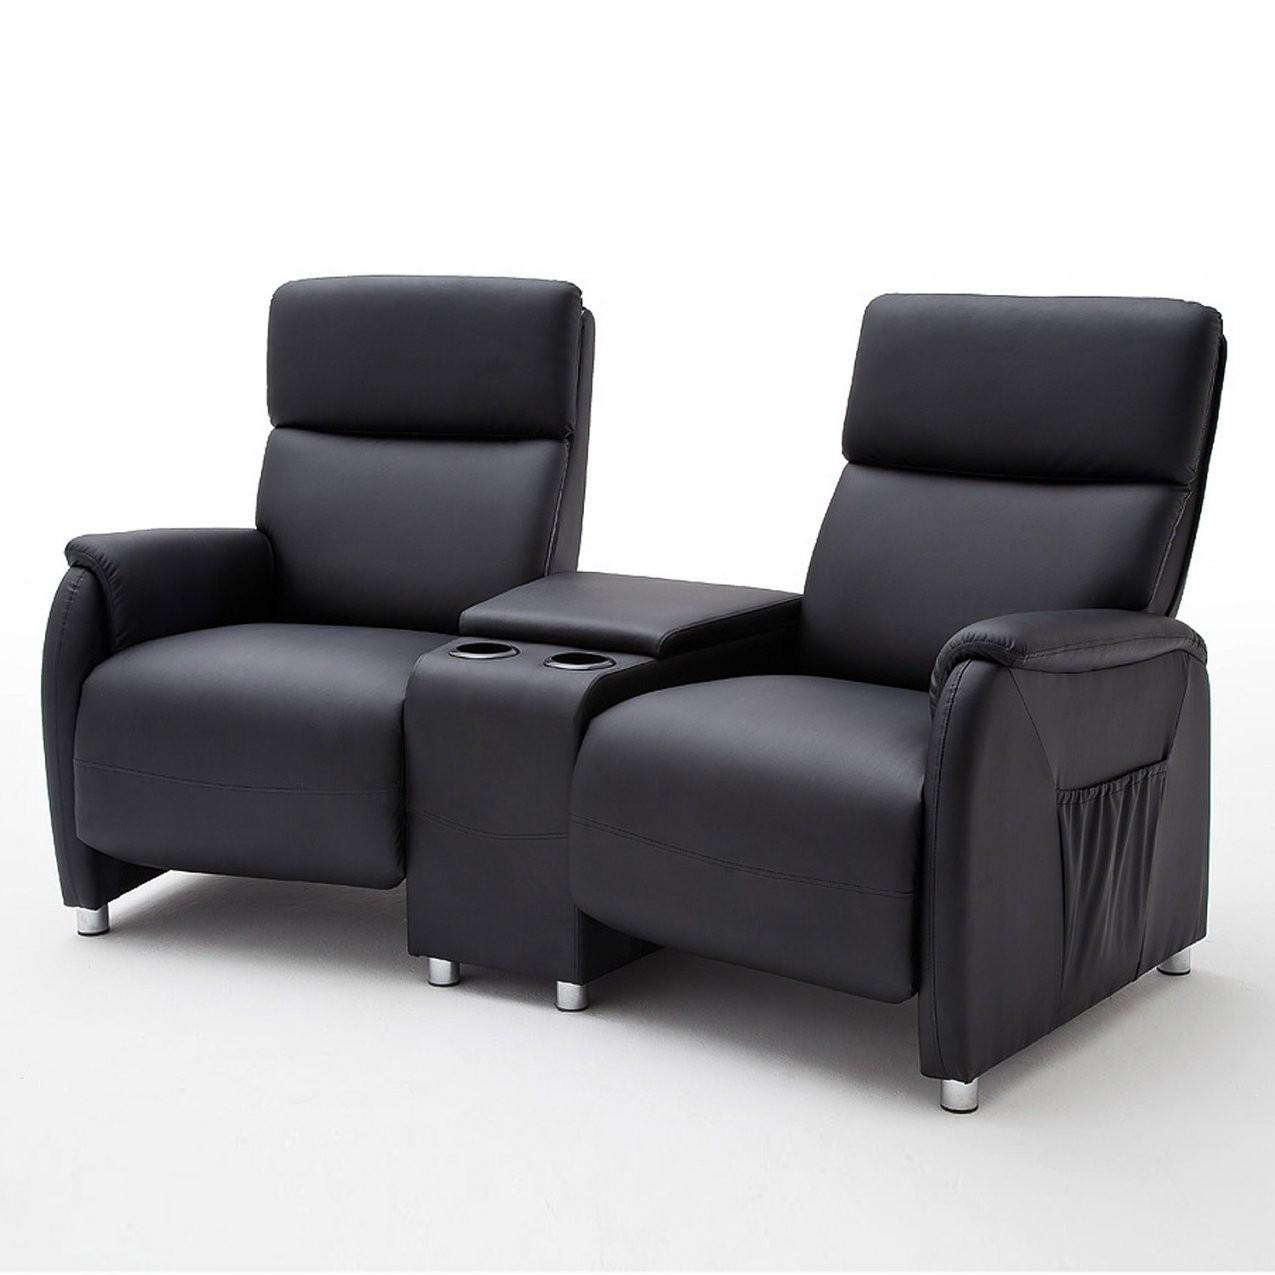 Kino Sofa 2 Sitzer Frisch Relax Couch Elektrisch Neu Kino Sofa 2 von Relax Sofa 2 Sitzer Photo